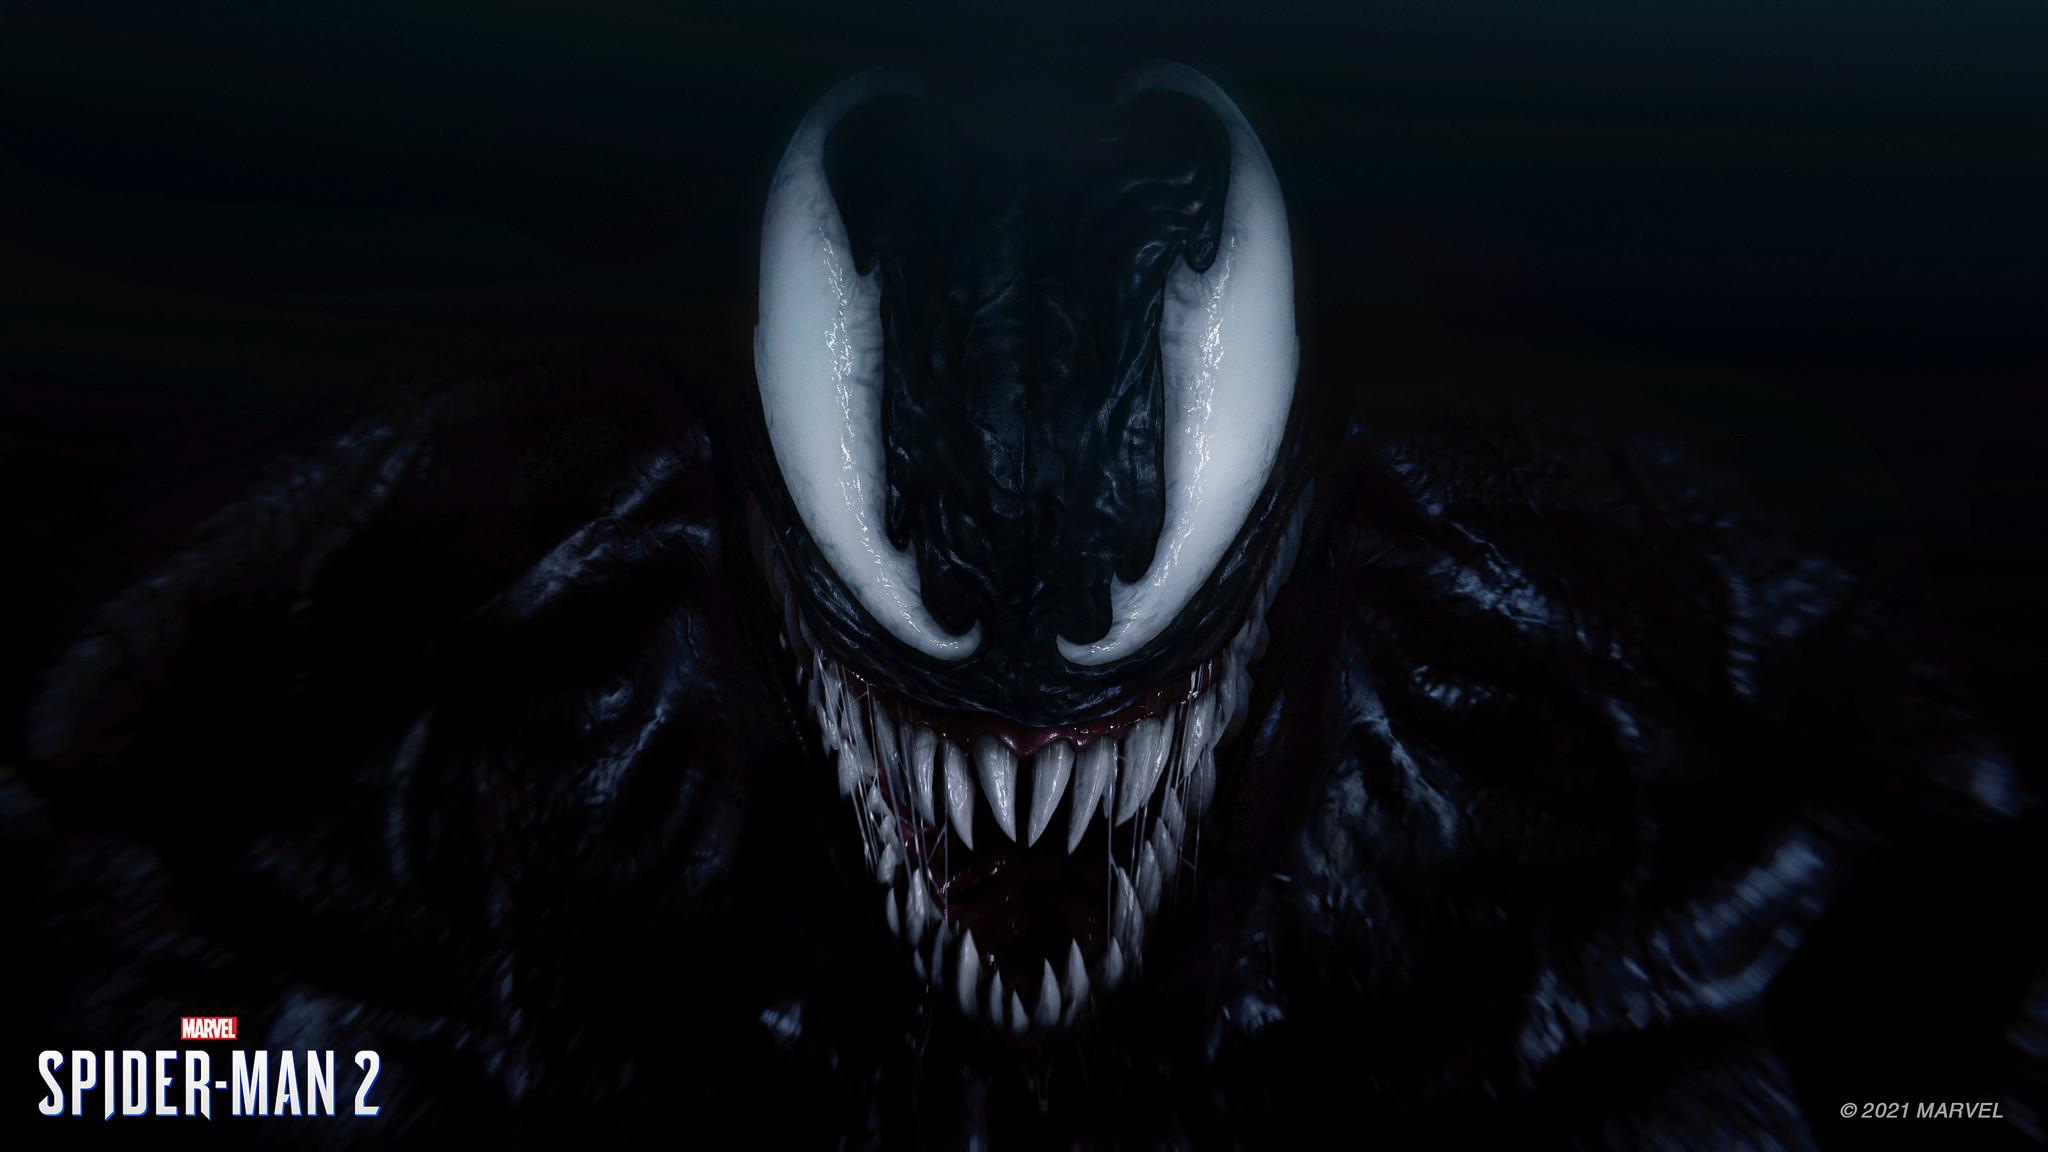 Venom from Marvel's Spider-Man 2